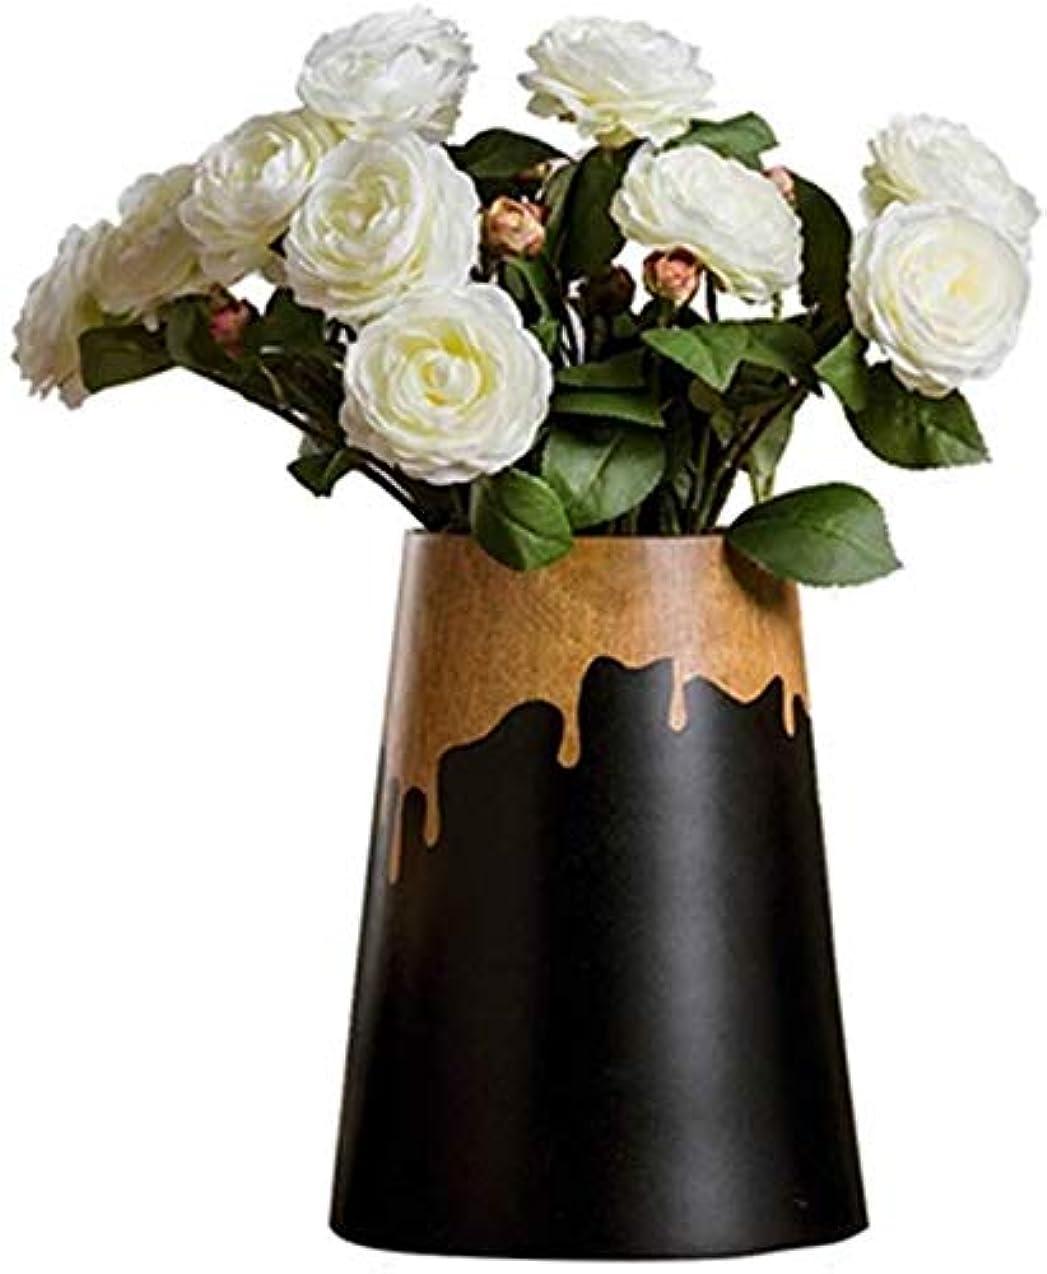 以下慣れている岸花瓶 小さなレトロセラミック花瓶リビングルームキッチンテーブルホームオフィスブラックゴールド植物フラワーアレンジメント水文化大25 * 14 * 10 * 14センチメートル インテリア フラワーベース (Size : 25*14*10*14cm)